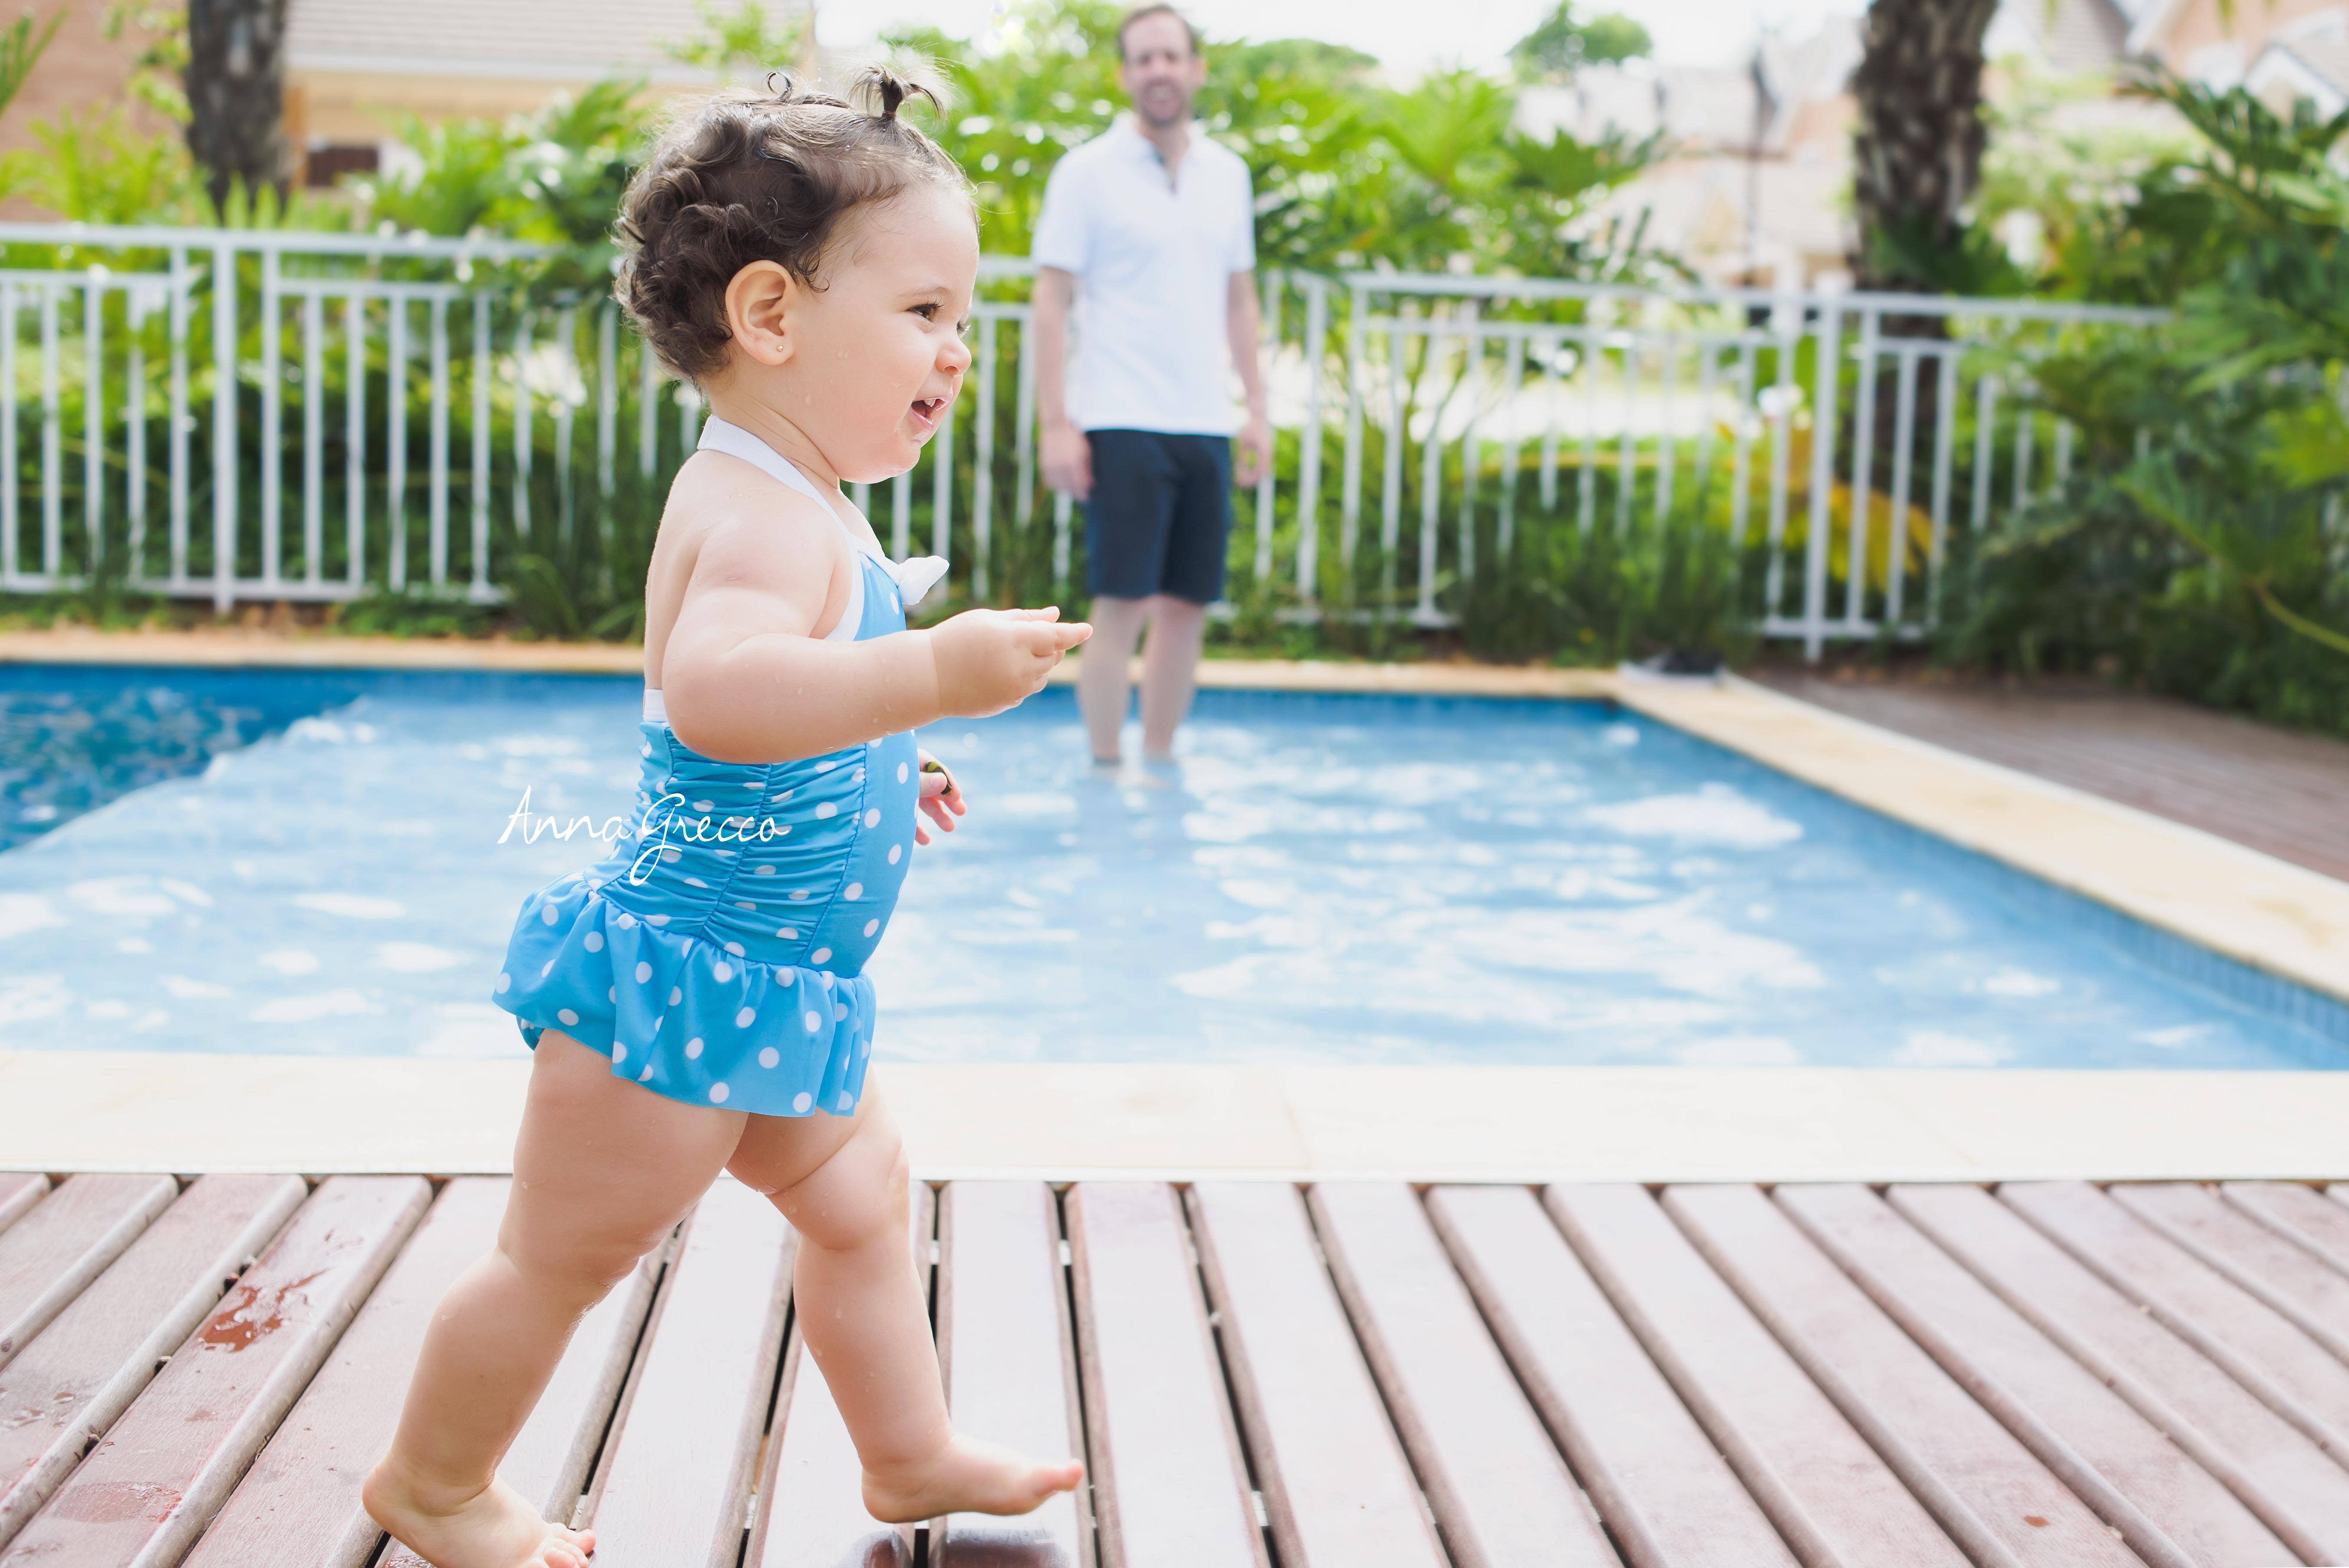 Fotos na piscina - Bebê e Famílias - Anna Grecco www.annagrecco.com.br 1 ano - aniversário